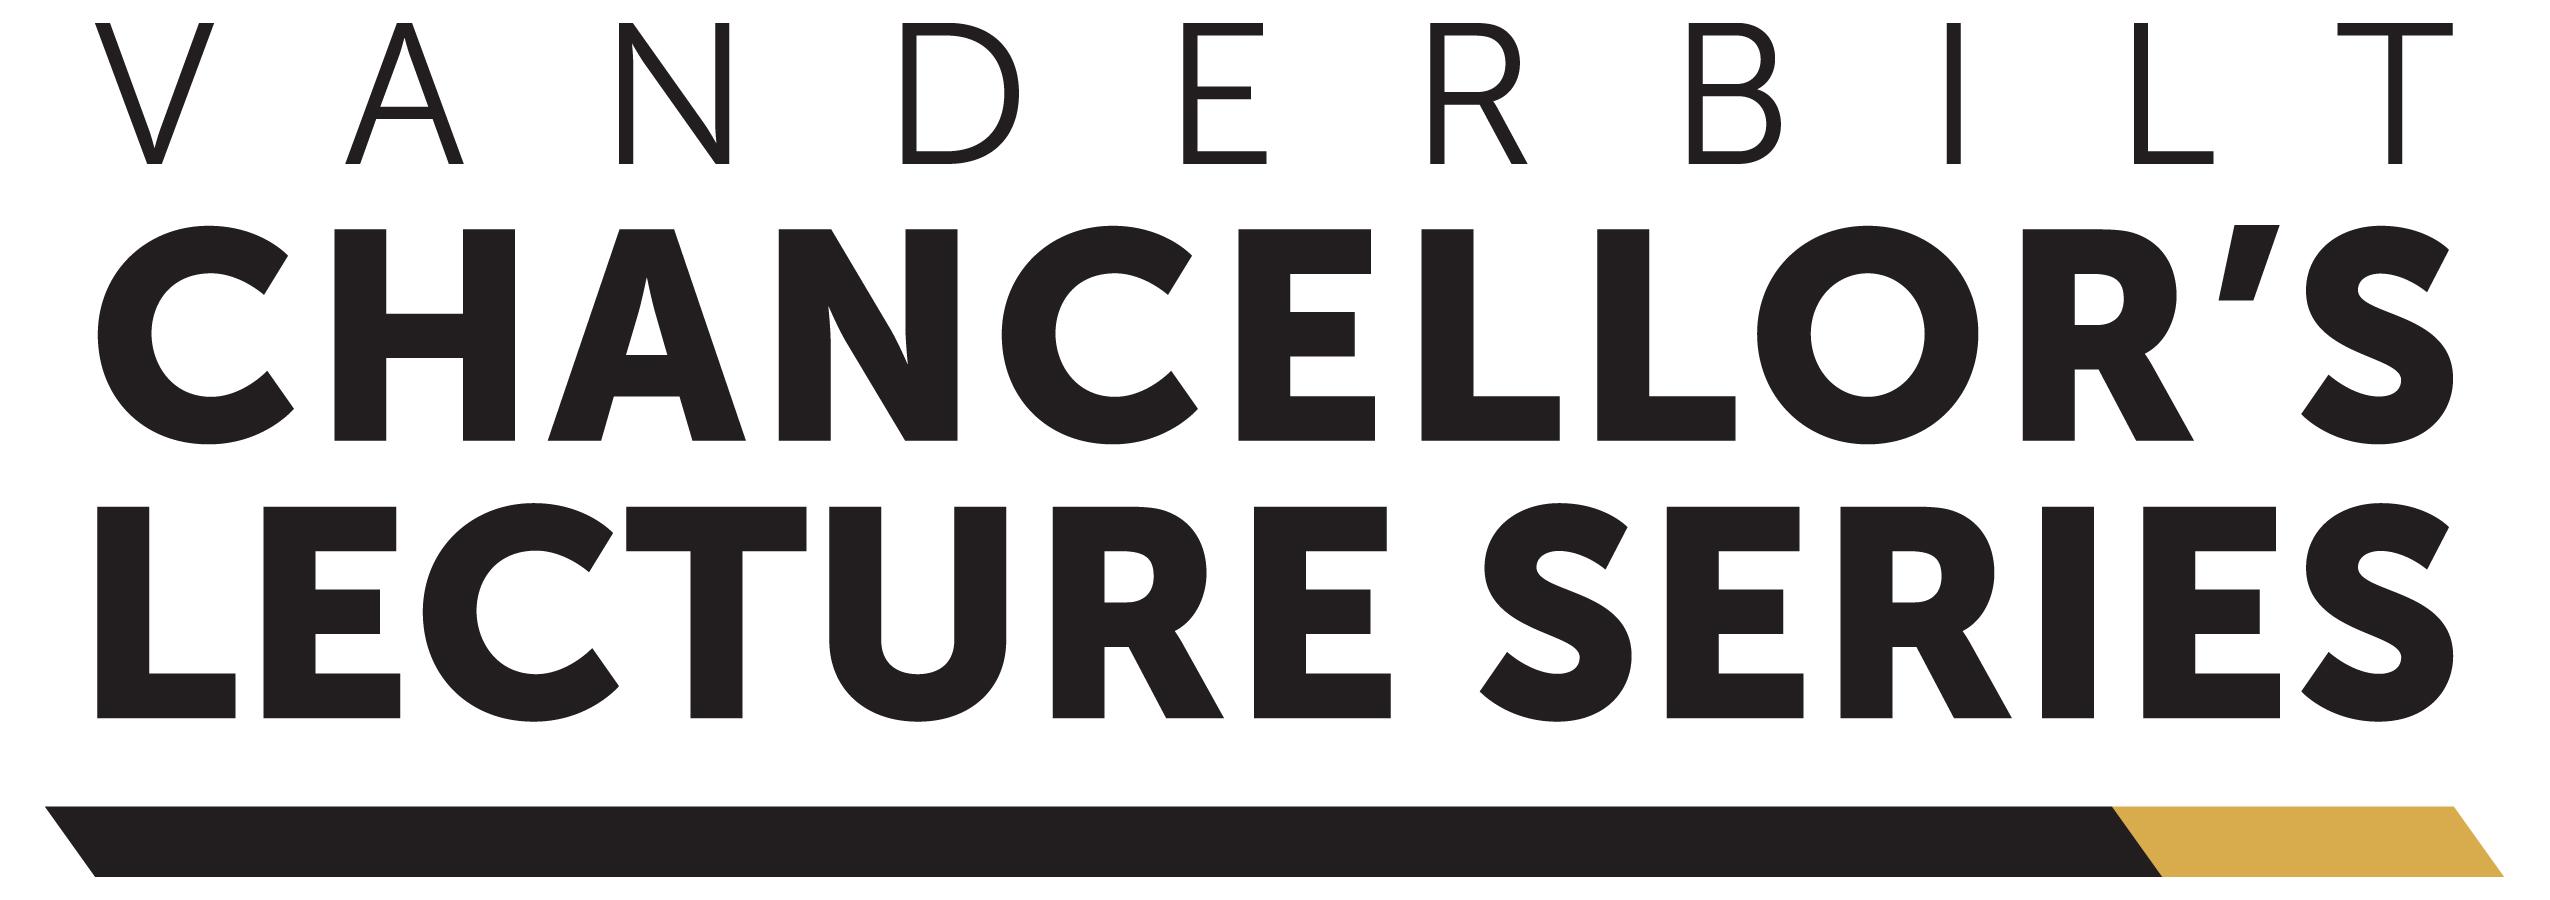 Vanderbilt Chancellor's Lecture Series